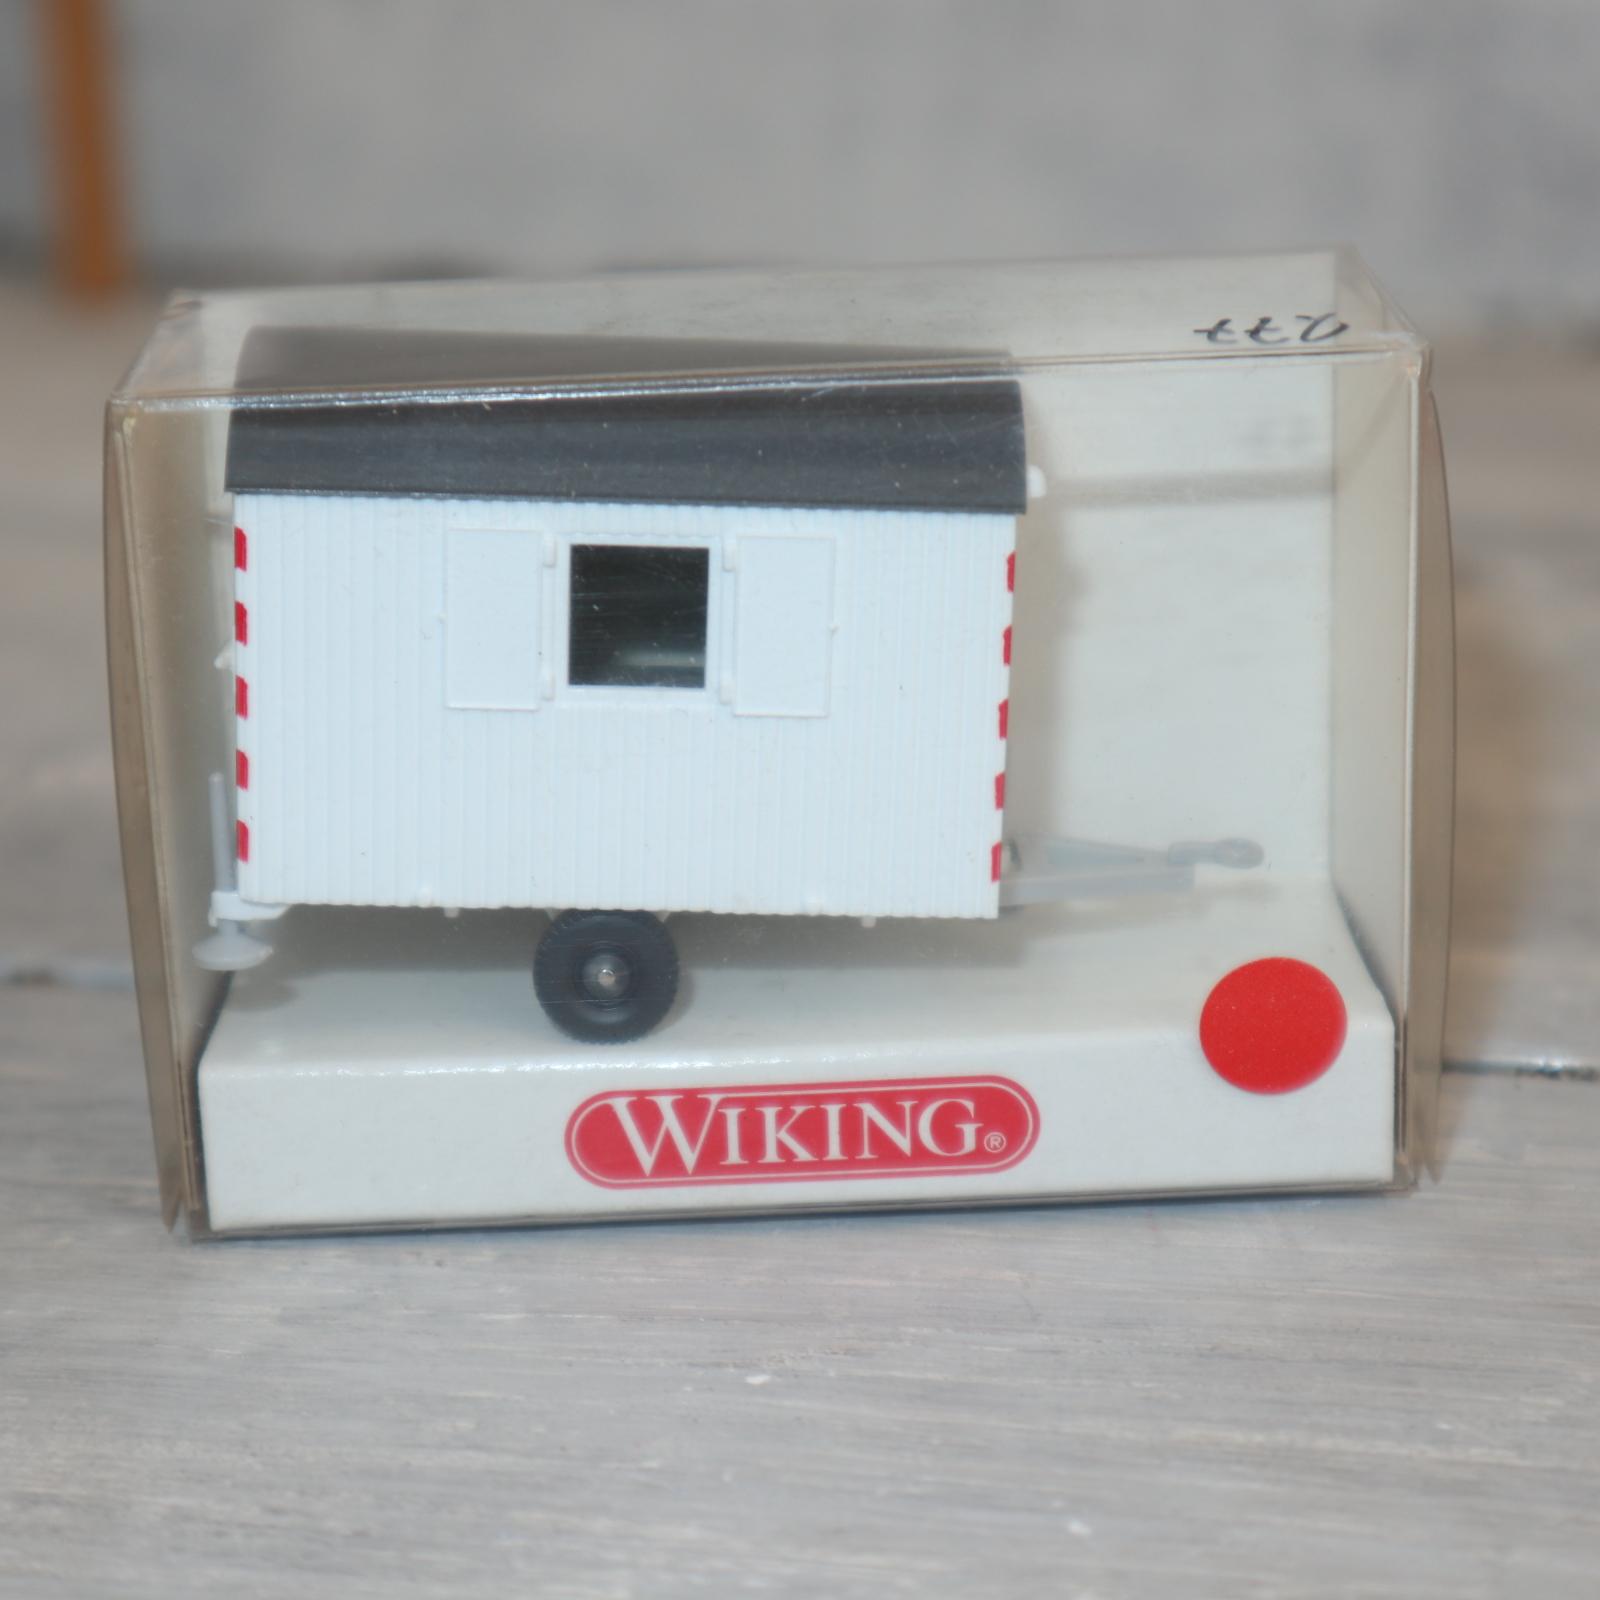 Wiking 65601 1:87 Bauwagen Einachser in weiß, NEU in OVP